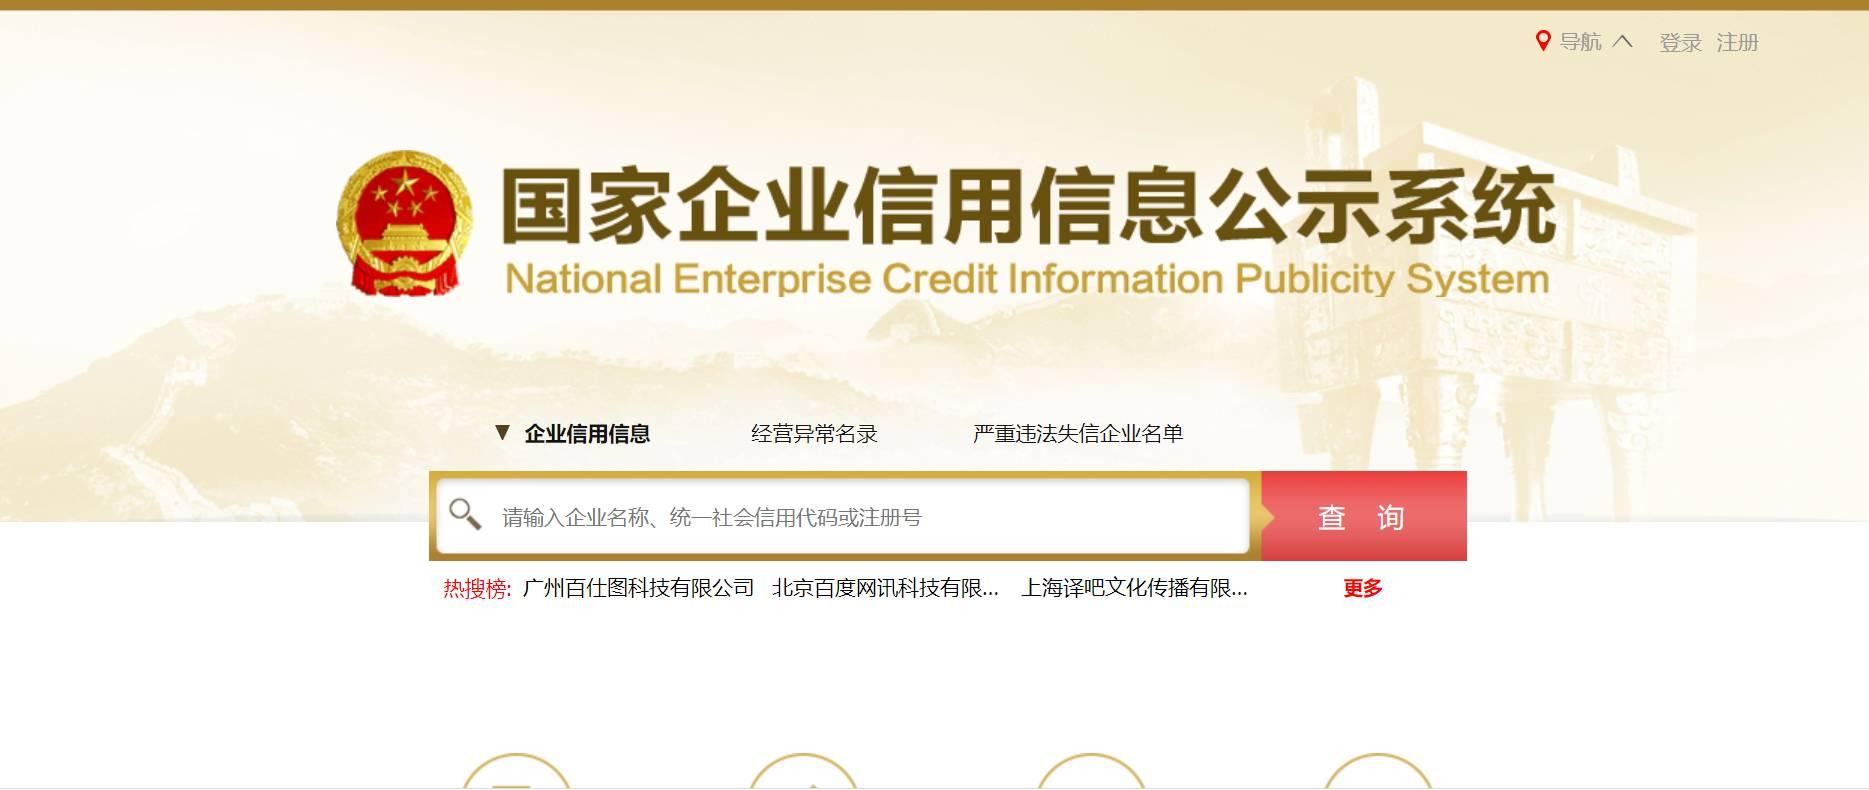 National Enterprise Credit Information Publicity System